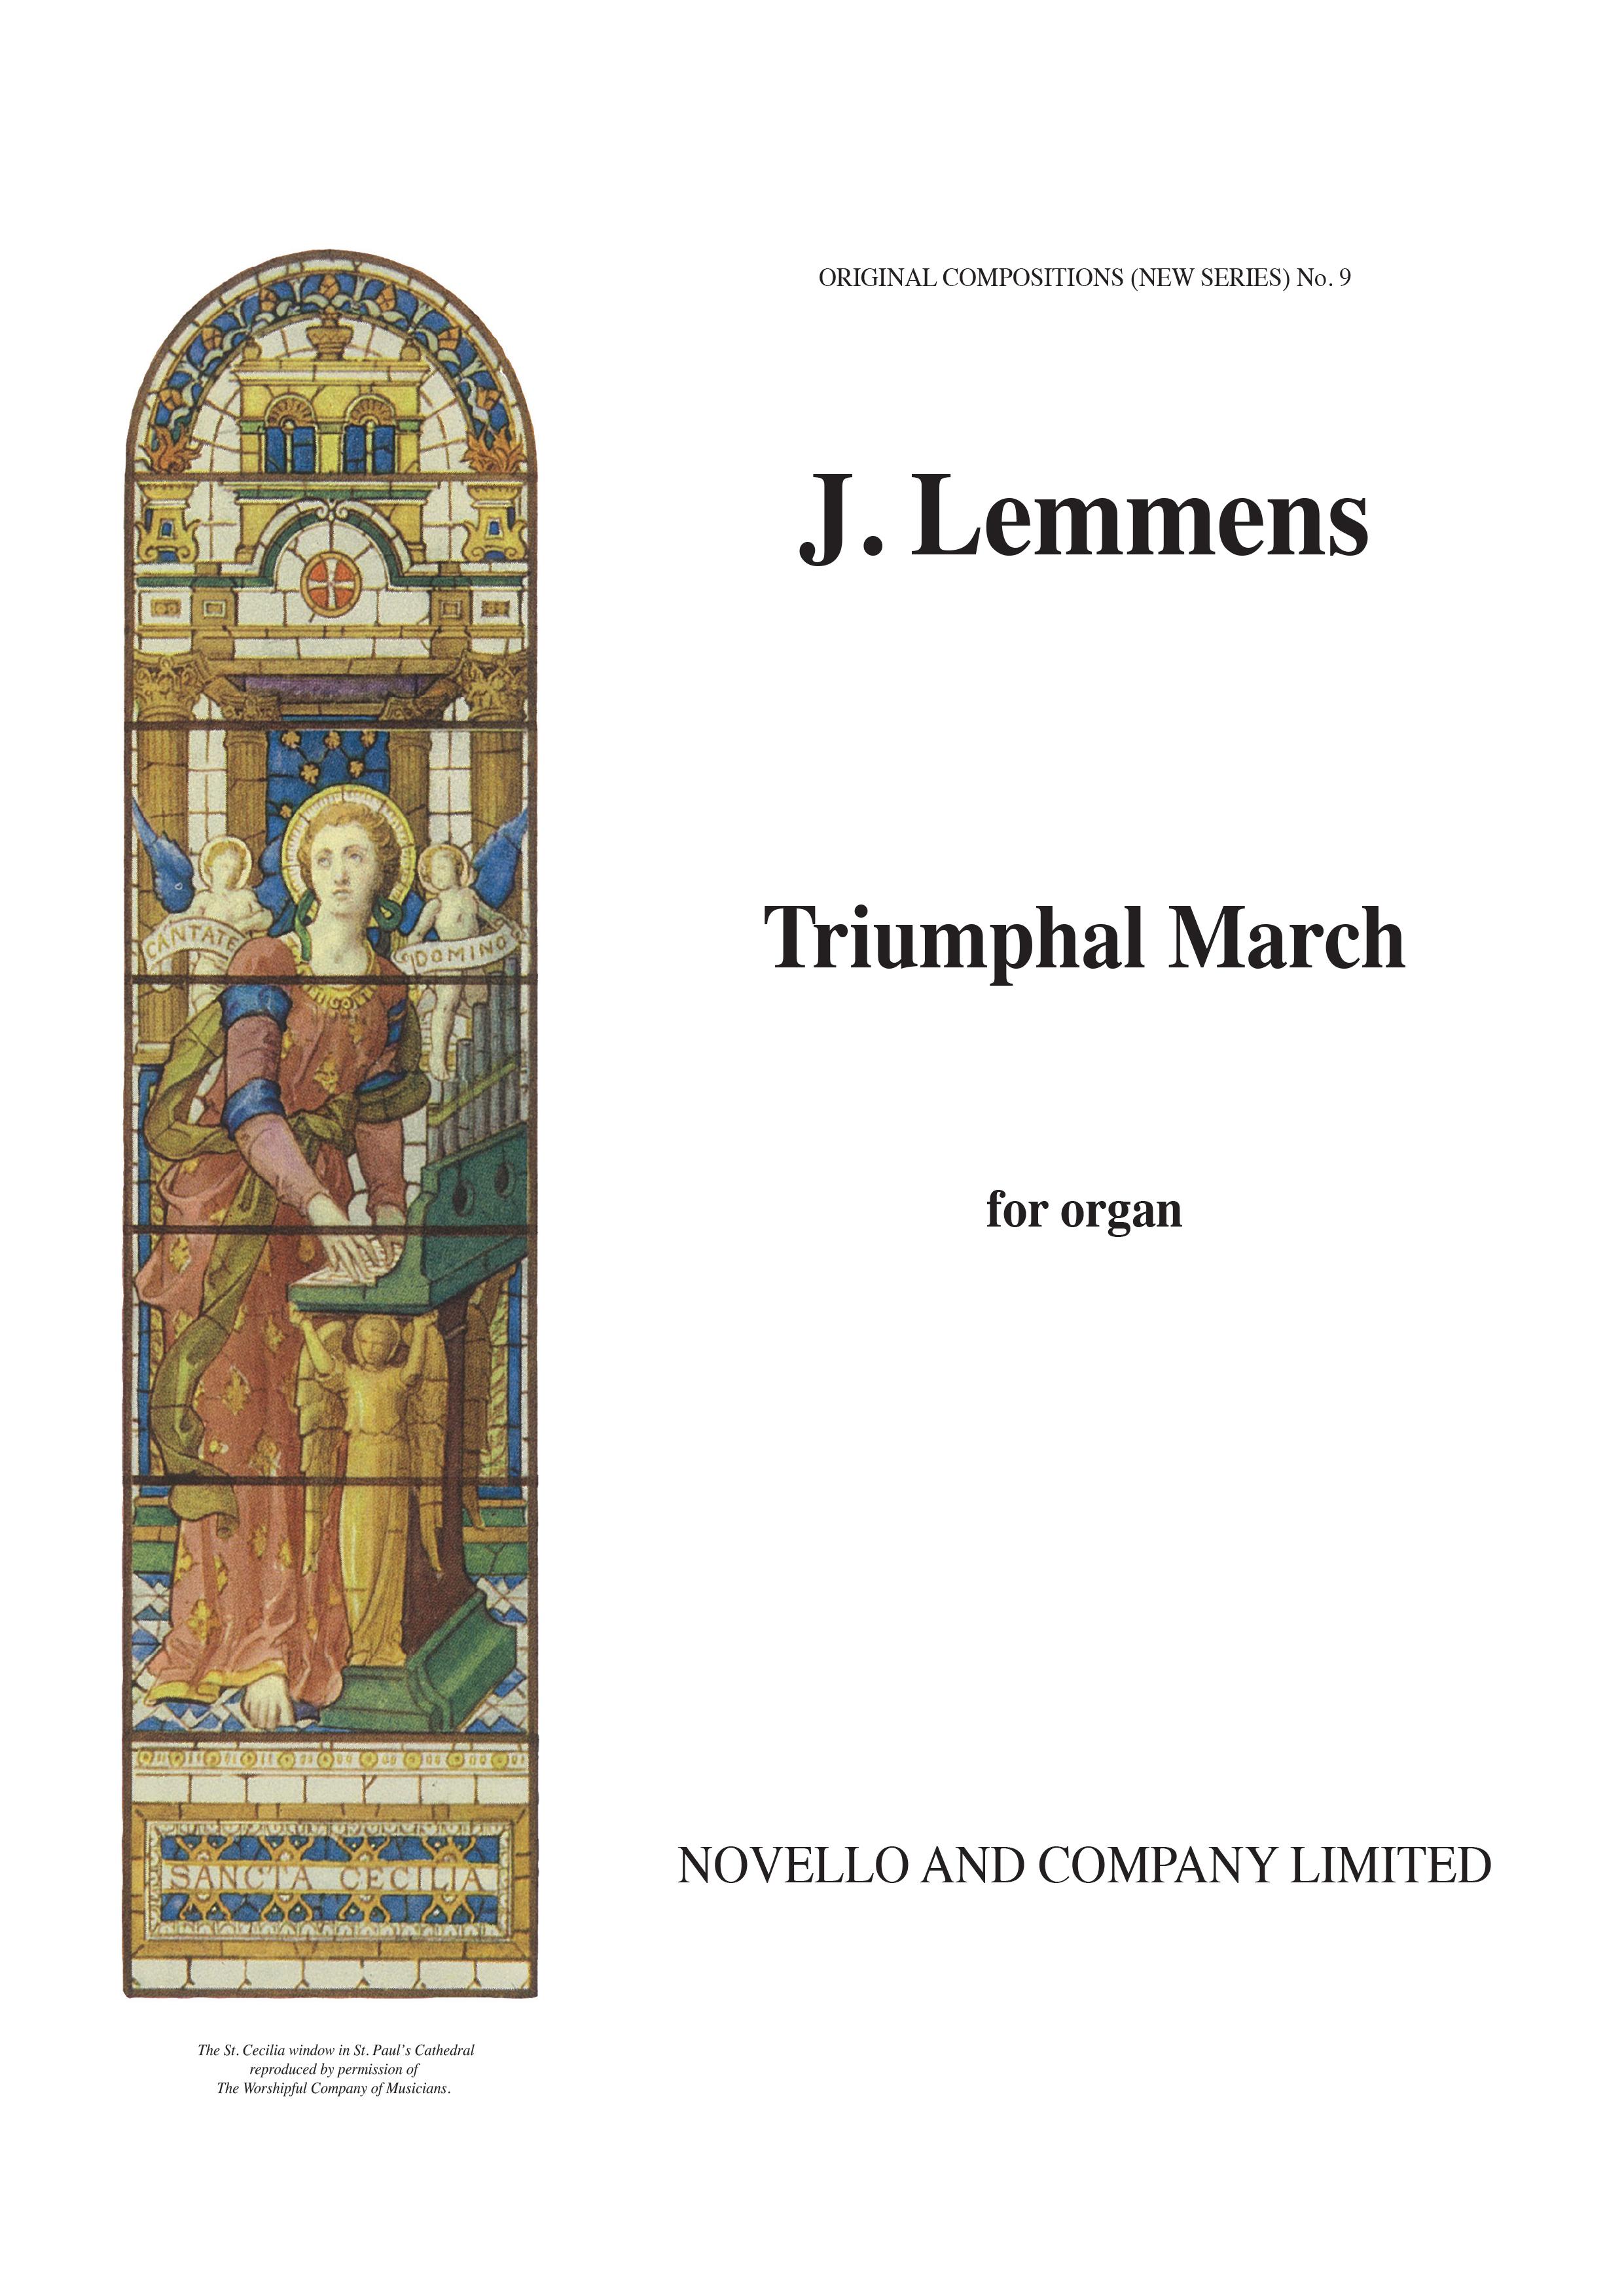 Nicolas-Jacques Lemmens: Triumphal March: Organ: Instrumental Work